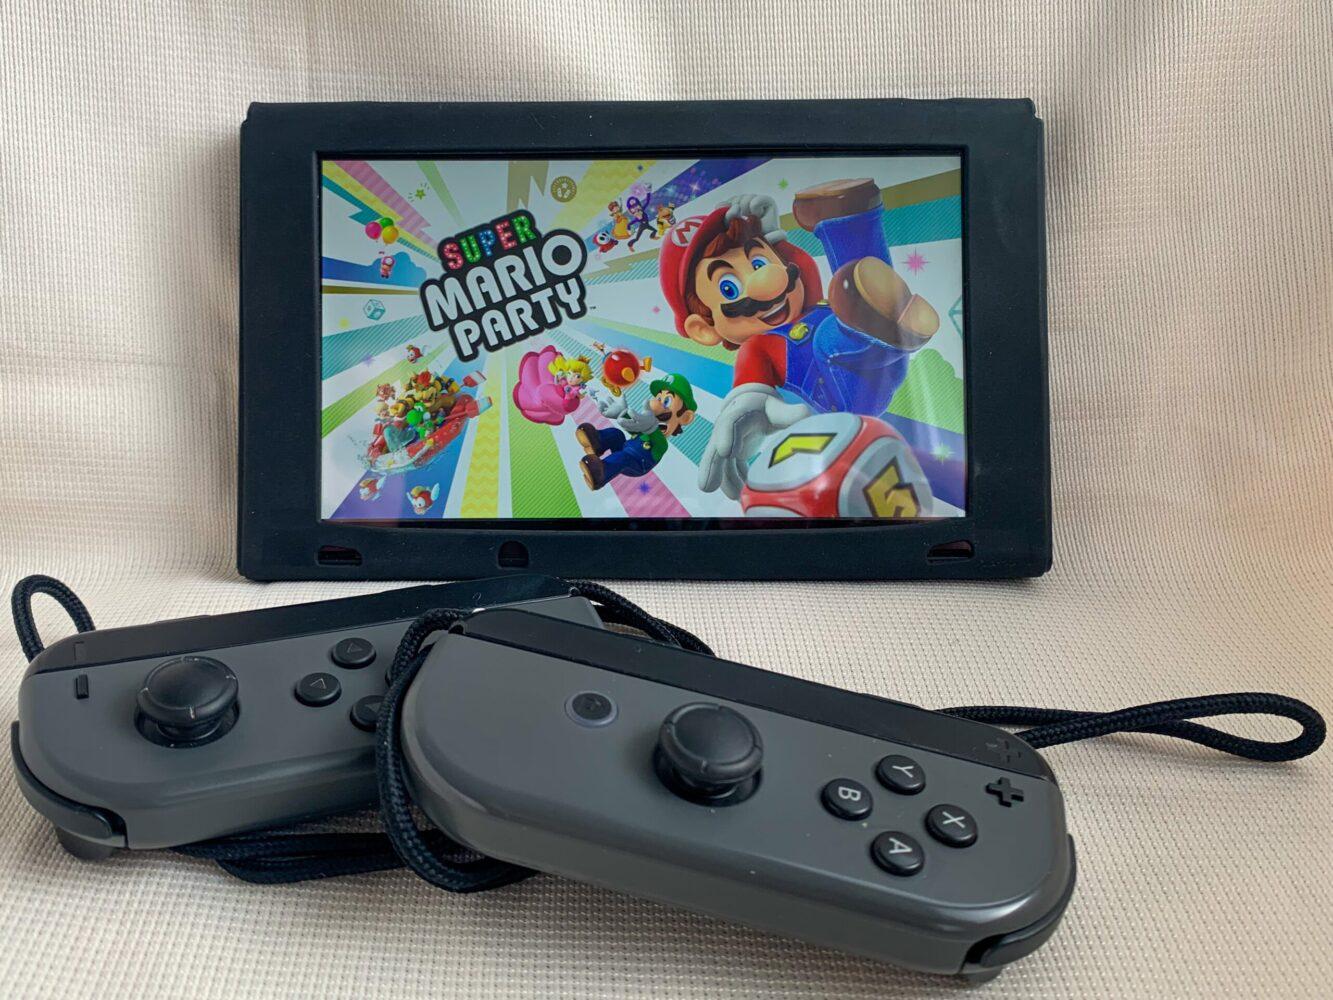 Het Gezinsleven - Gezinsactiviteiten - Speelgoed - De Nintendo Switch - Mario Party